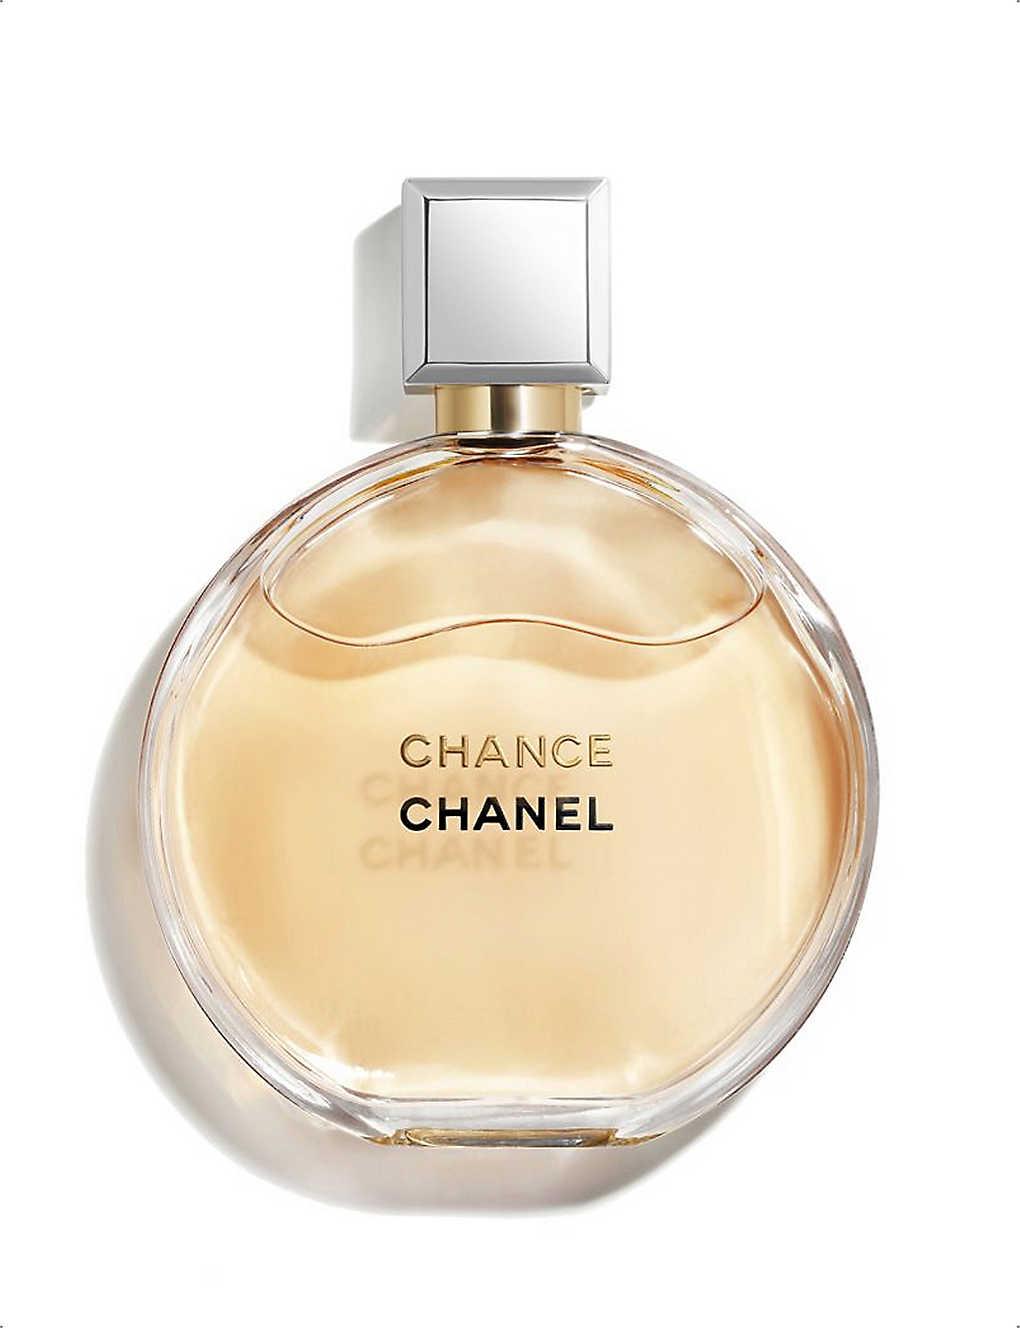 Chanel Chance Eau De Parfum Spray 100ml Selfridgescom